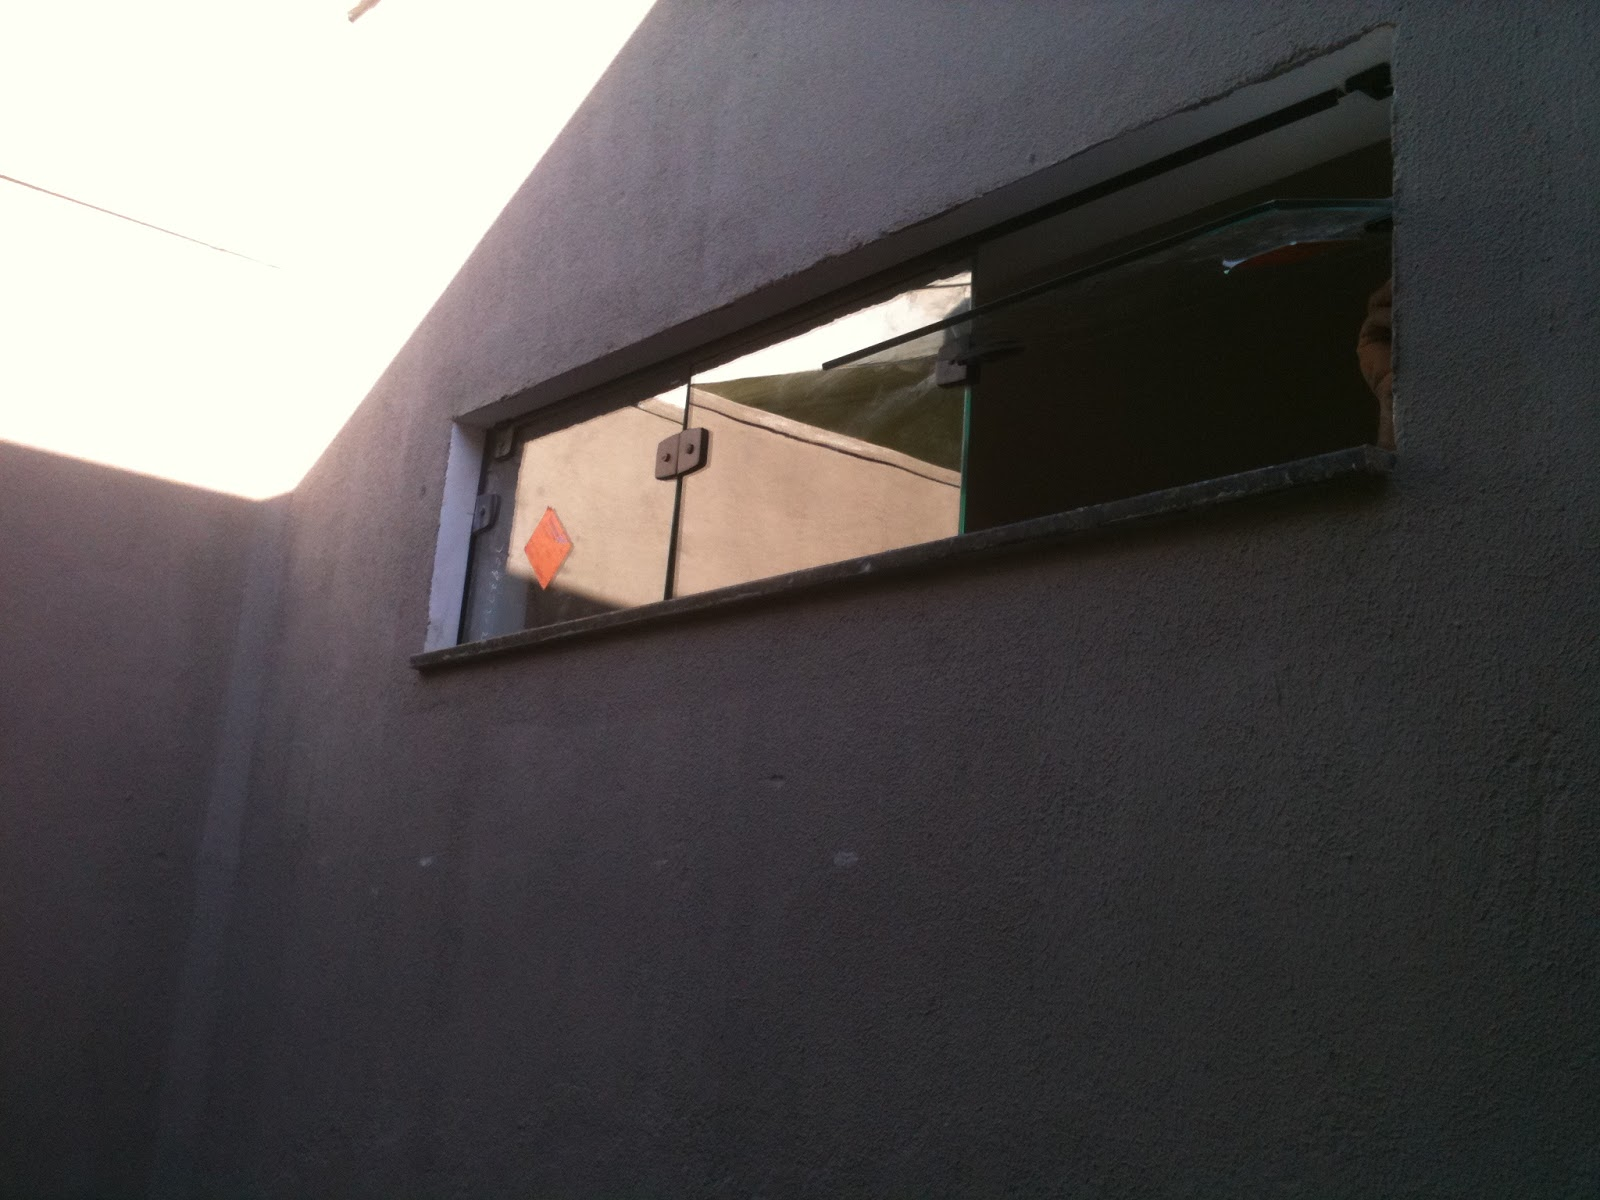 #A5A526 ARQUITETANDO com Pri Sartor: Reforma Casa   Escritório (18). 272 Janelas De Vidro Redonda